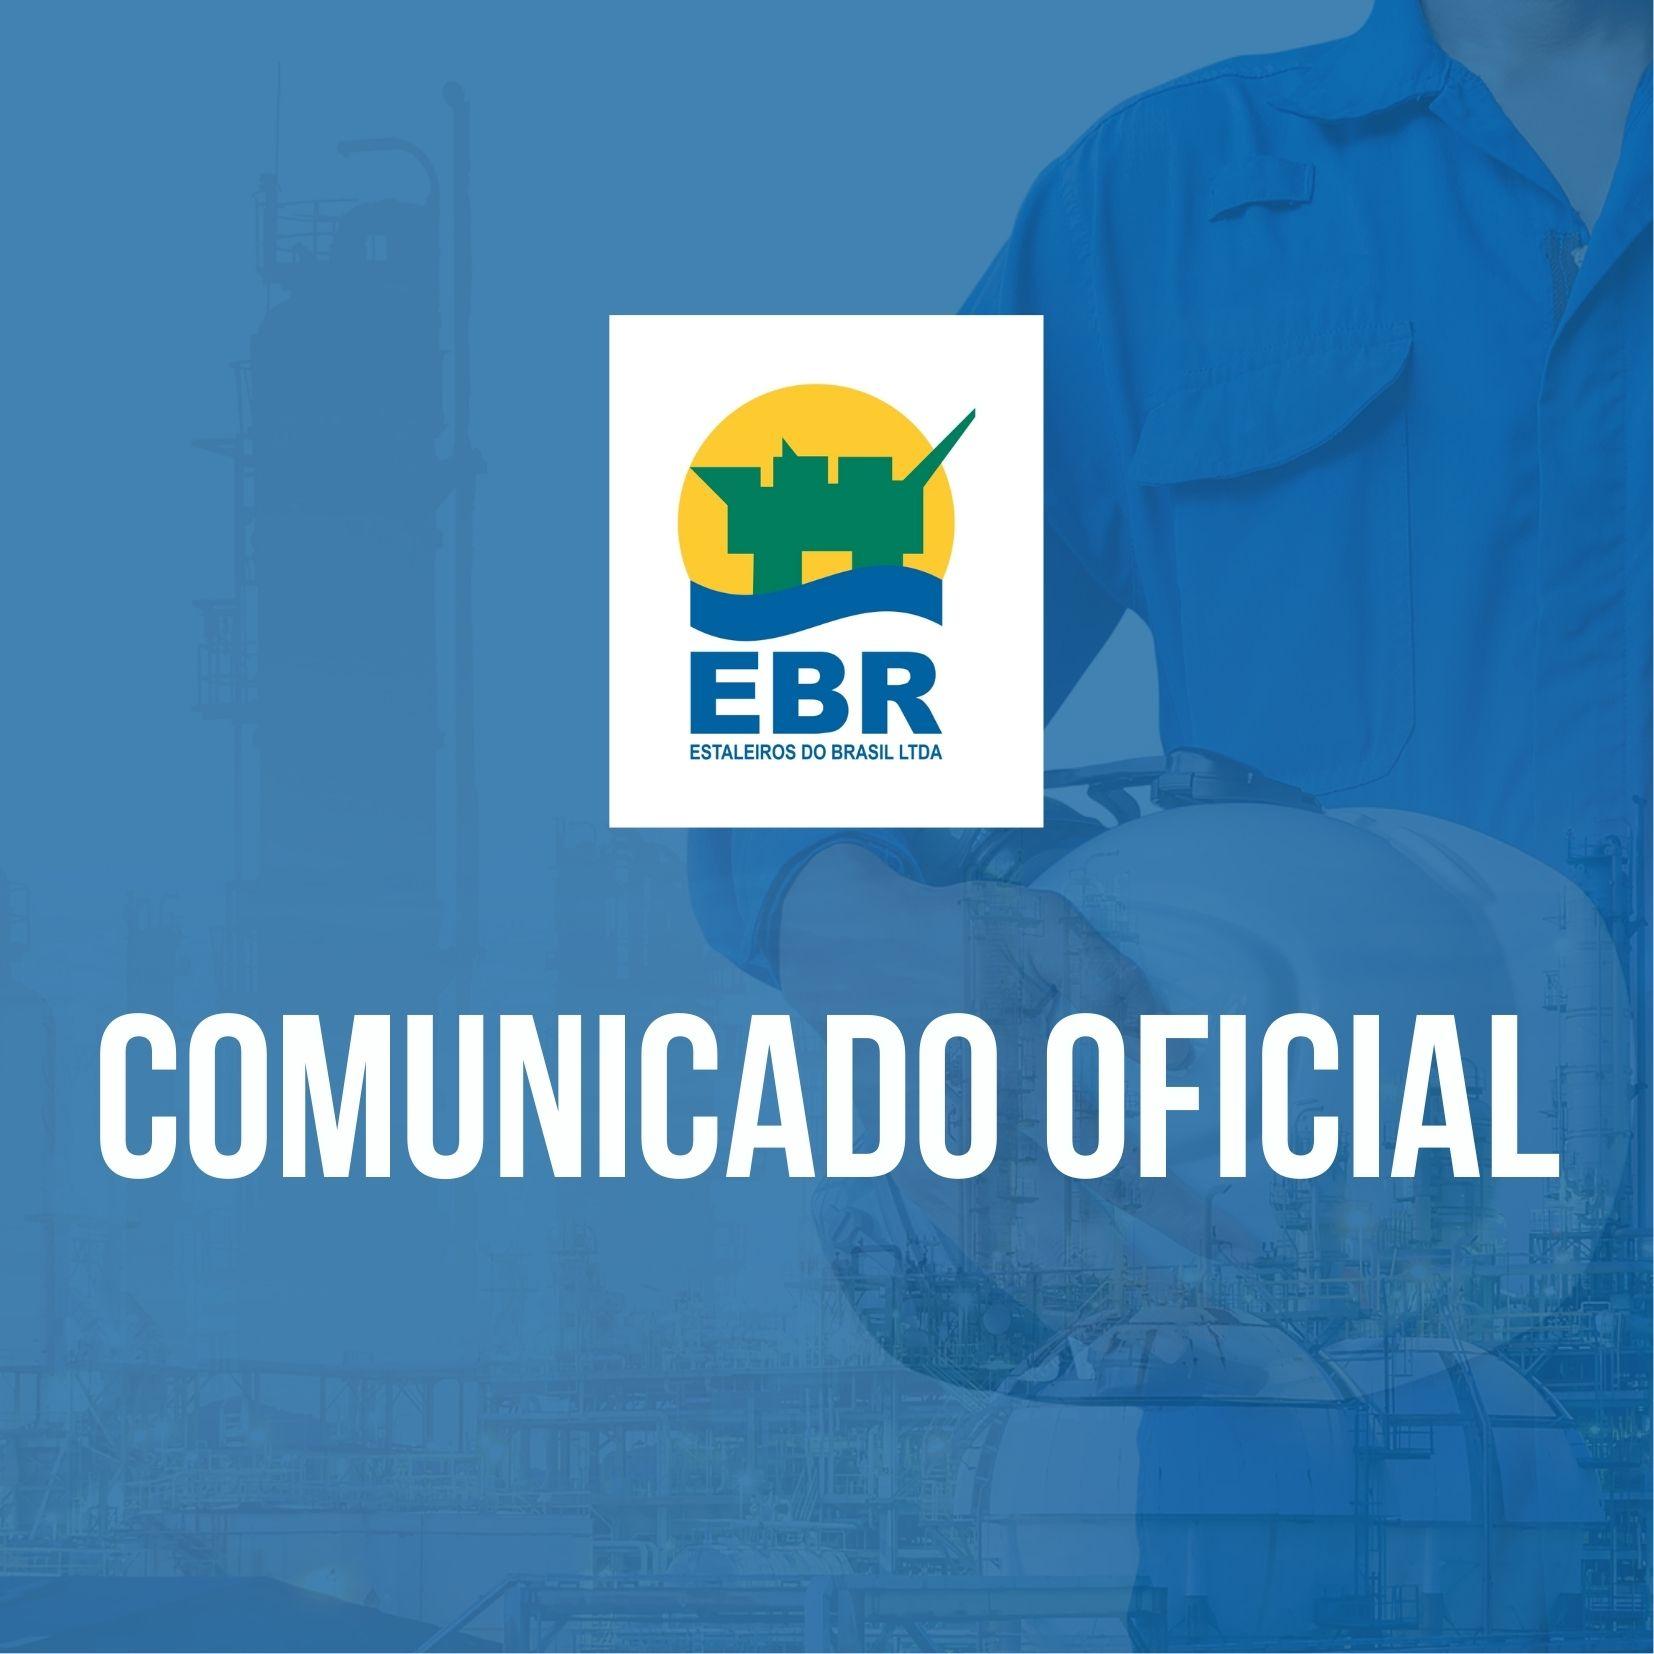 Comunicado oficial EBR